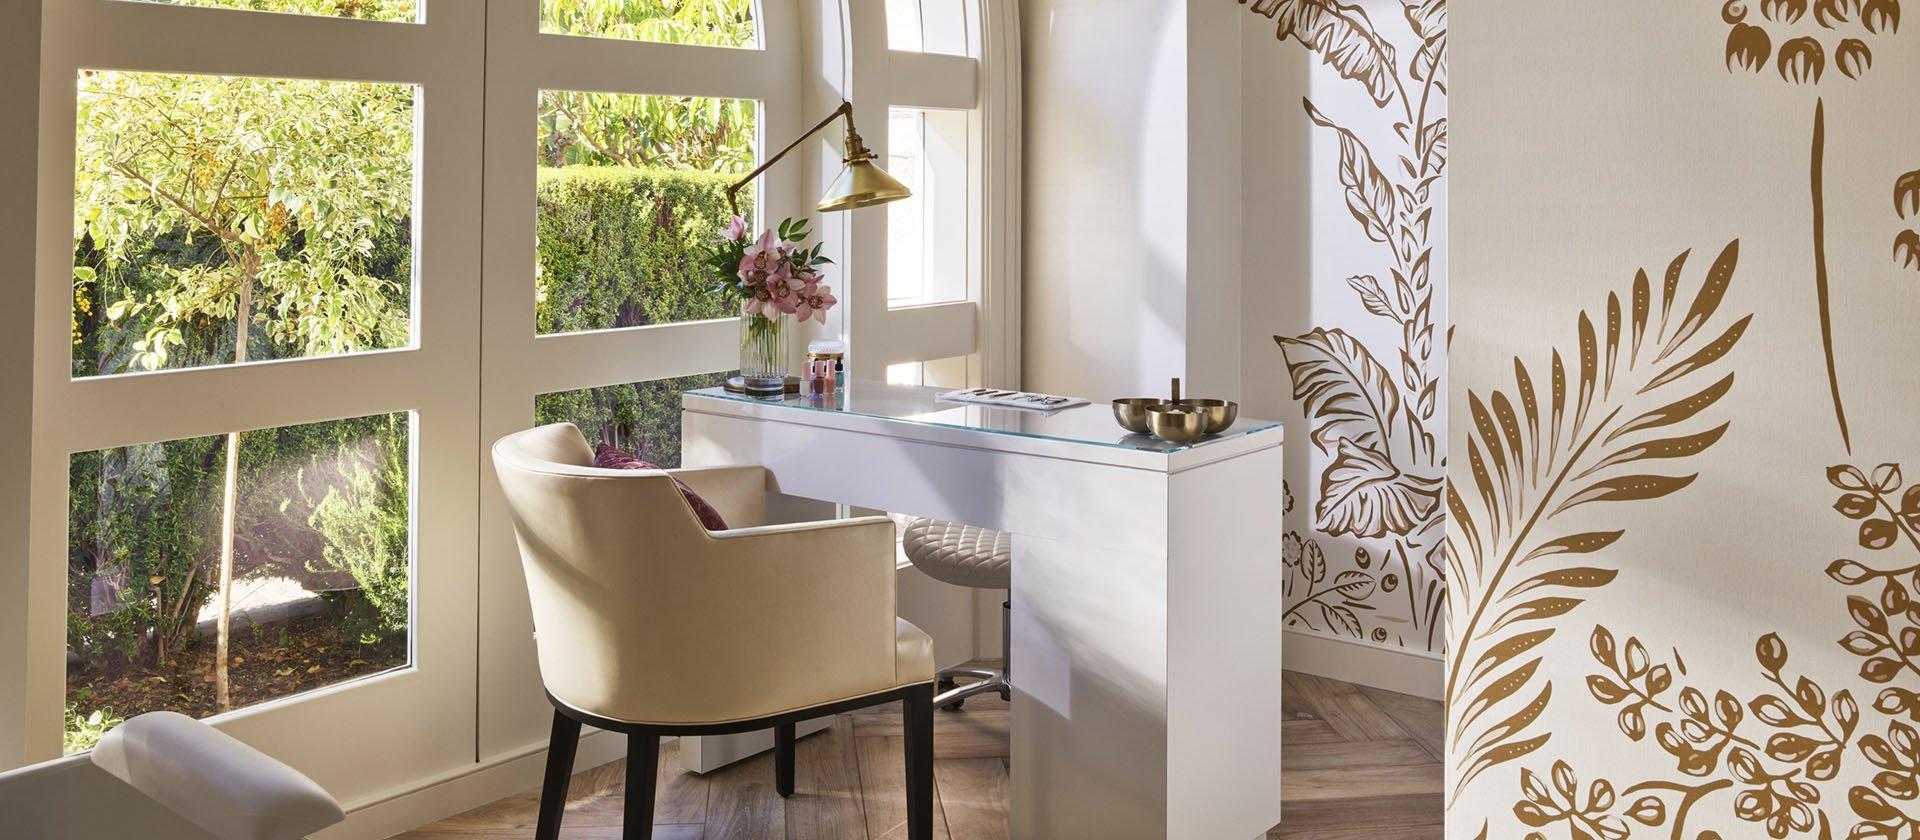 Manicure desk in Nail Suite overlooking citrus garden